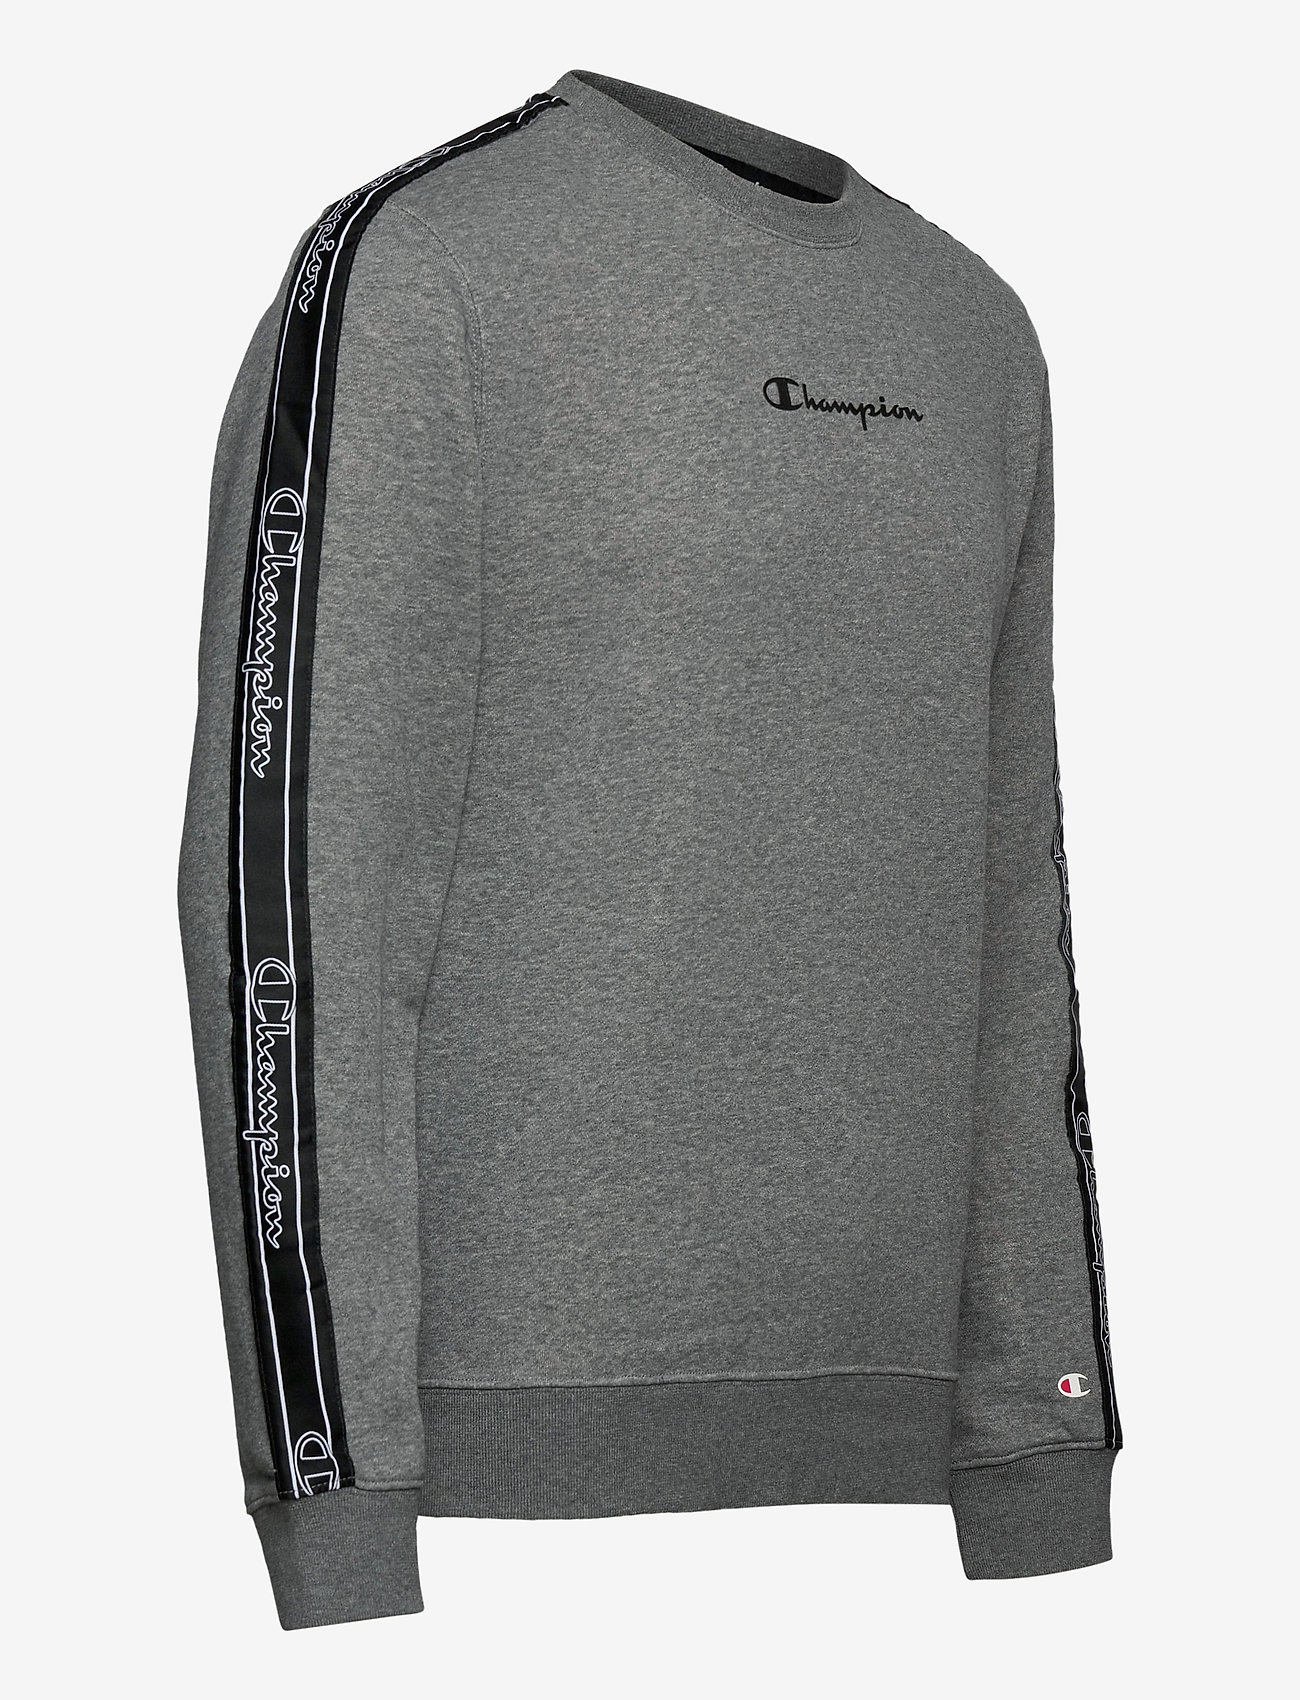 Champion Crewneck Sweatshirt - Sweatshirts NEW DARK GRAPHITE - Menn Klær